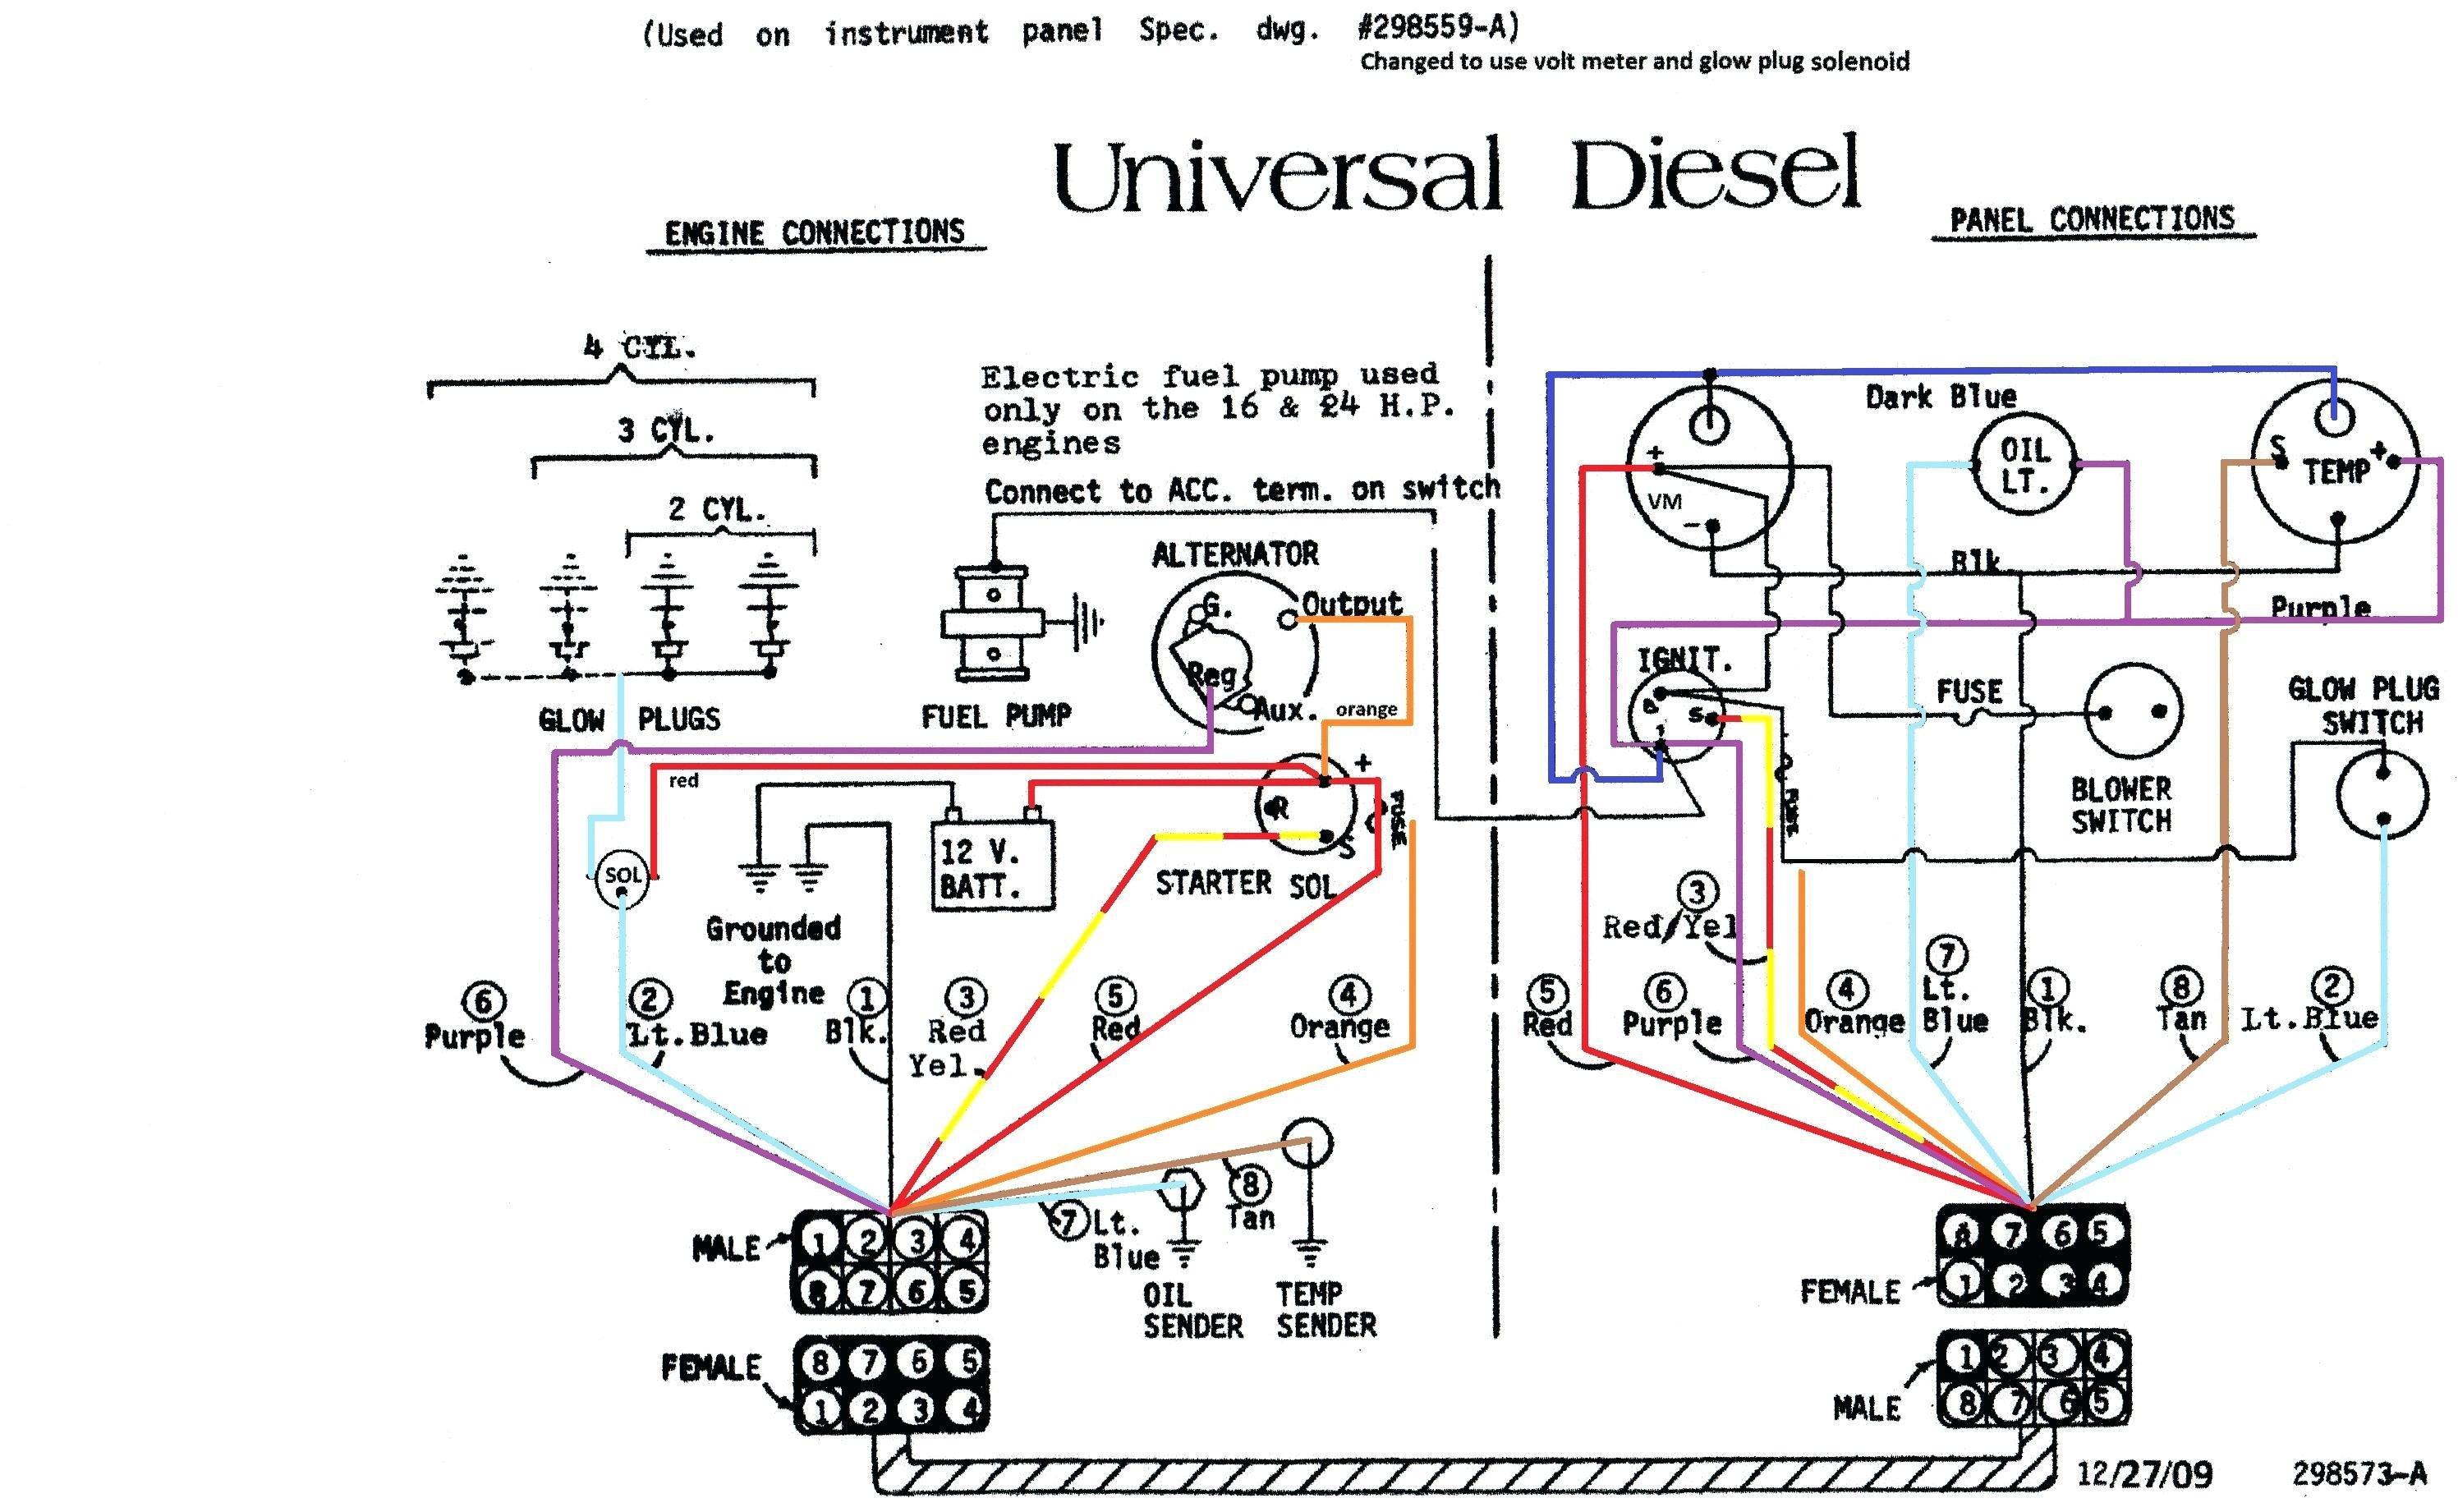 Ford 7 3 Engine Diagram 7 3 Powerstroke Glow Plug Relay Wiring Diagram Reference Wiring Of Ford 7 3 Engine Diagram